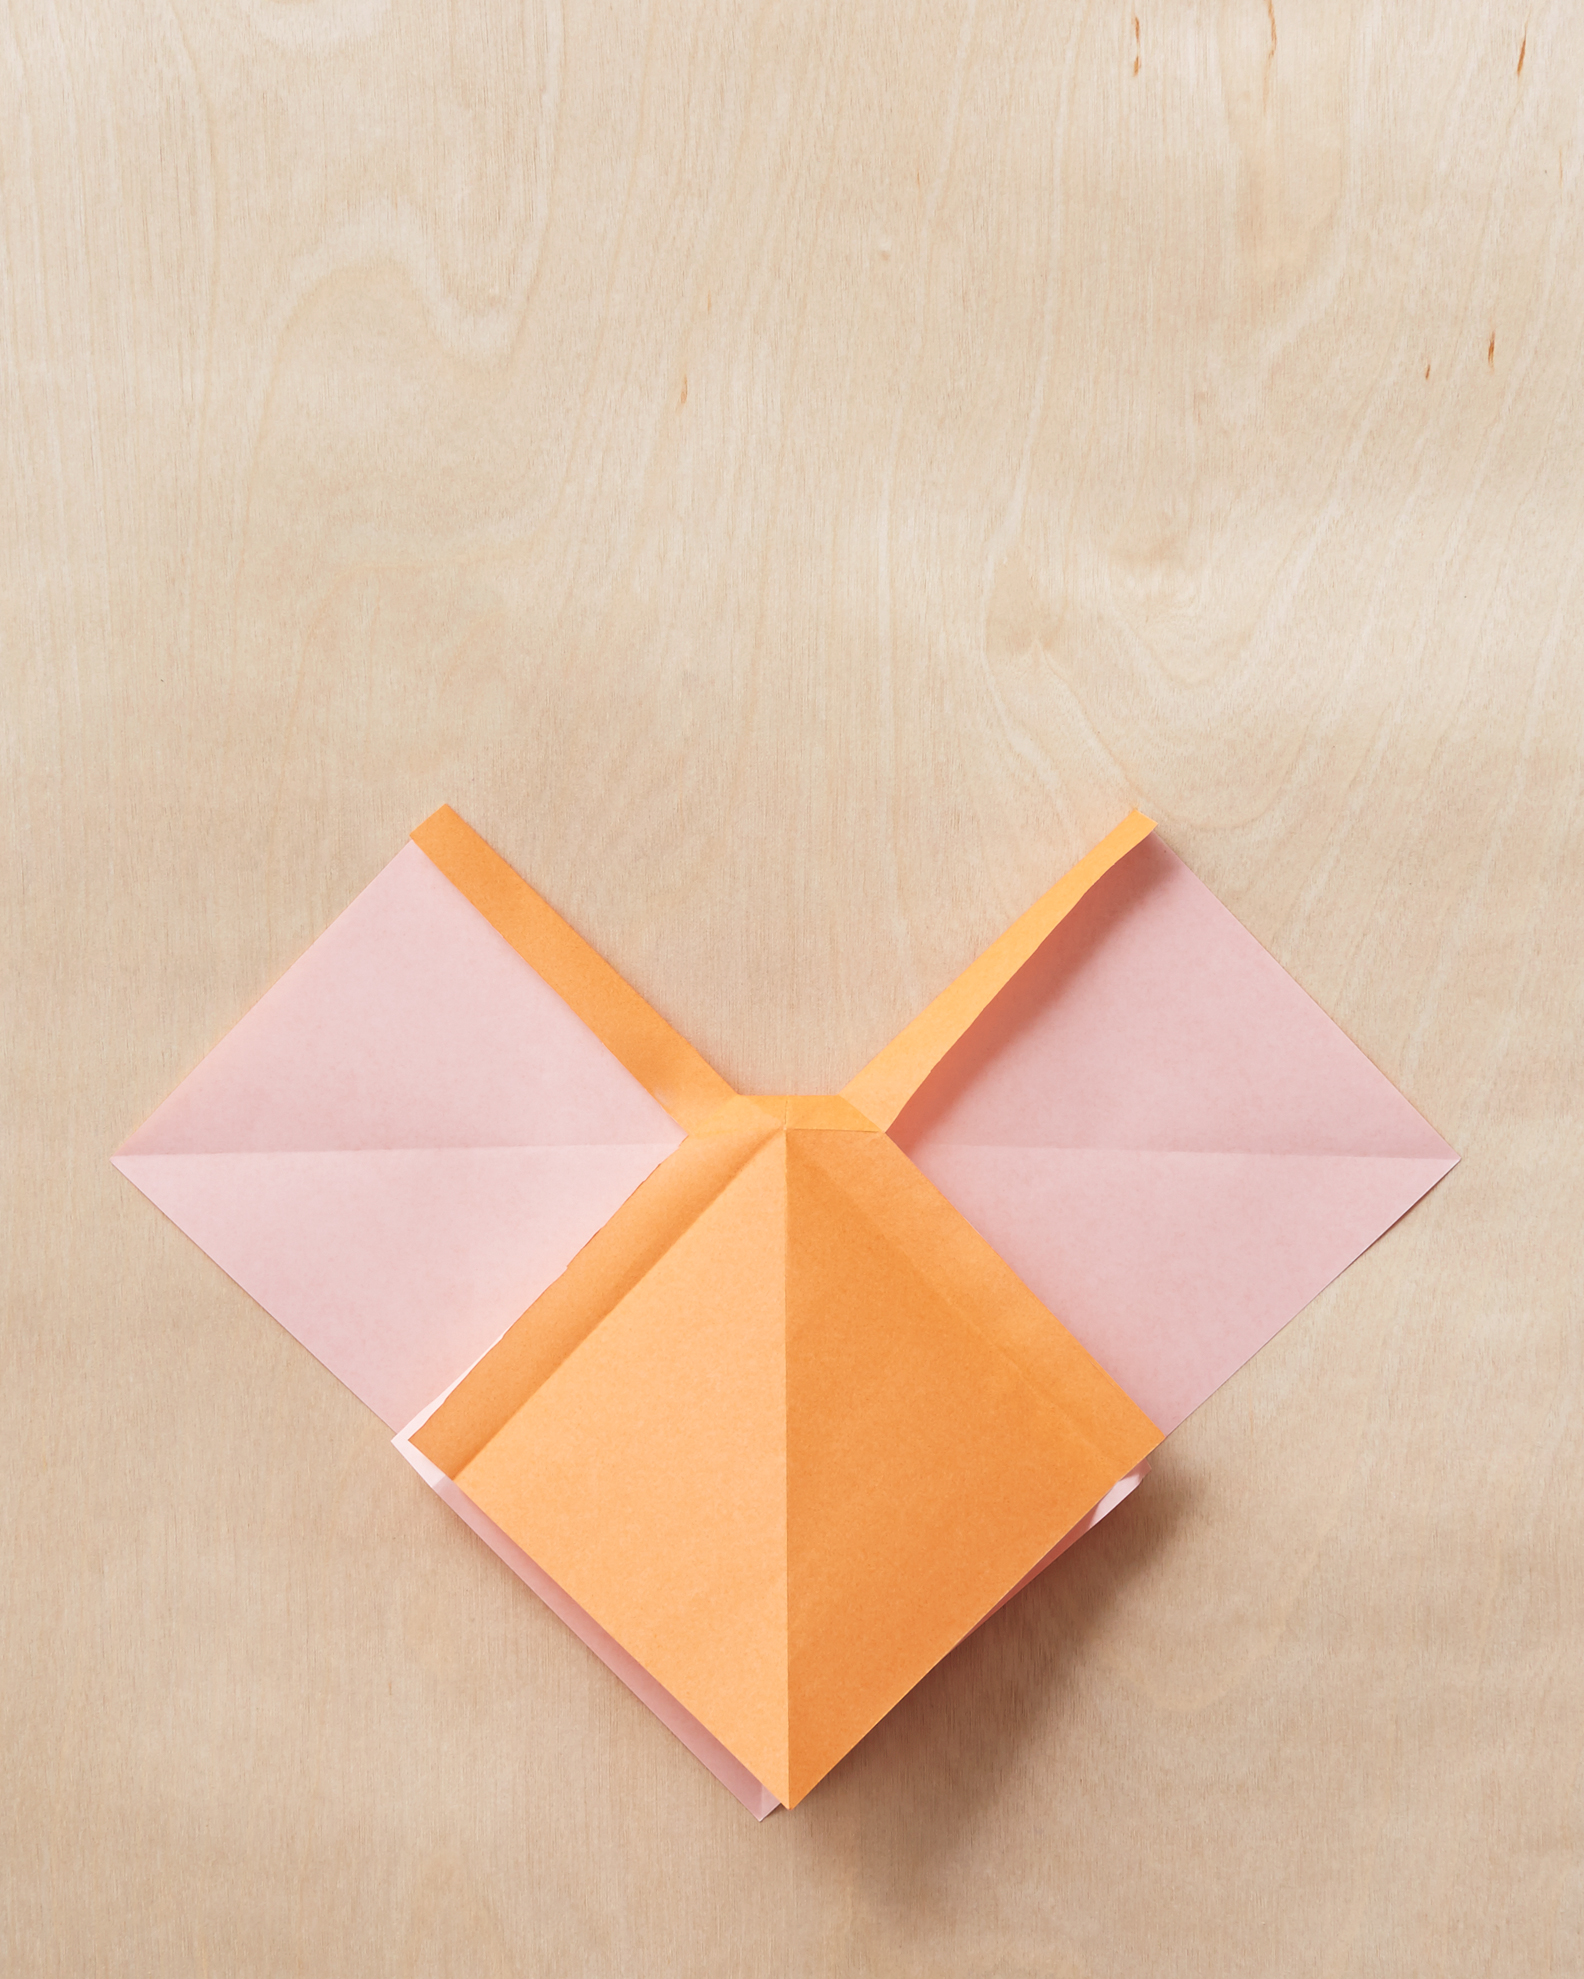 origami-bow-11-209-mwd110795.jpg